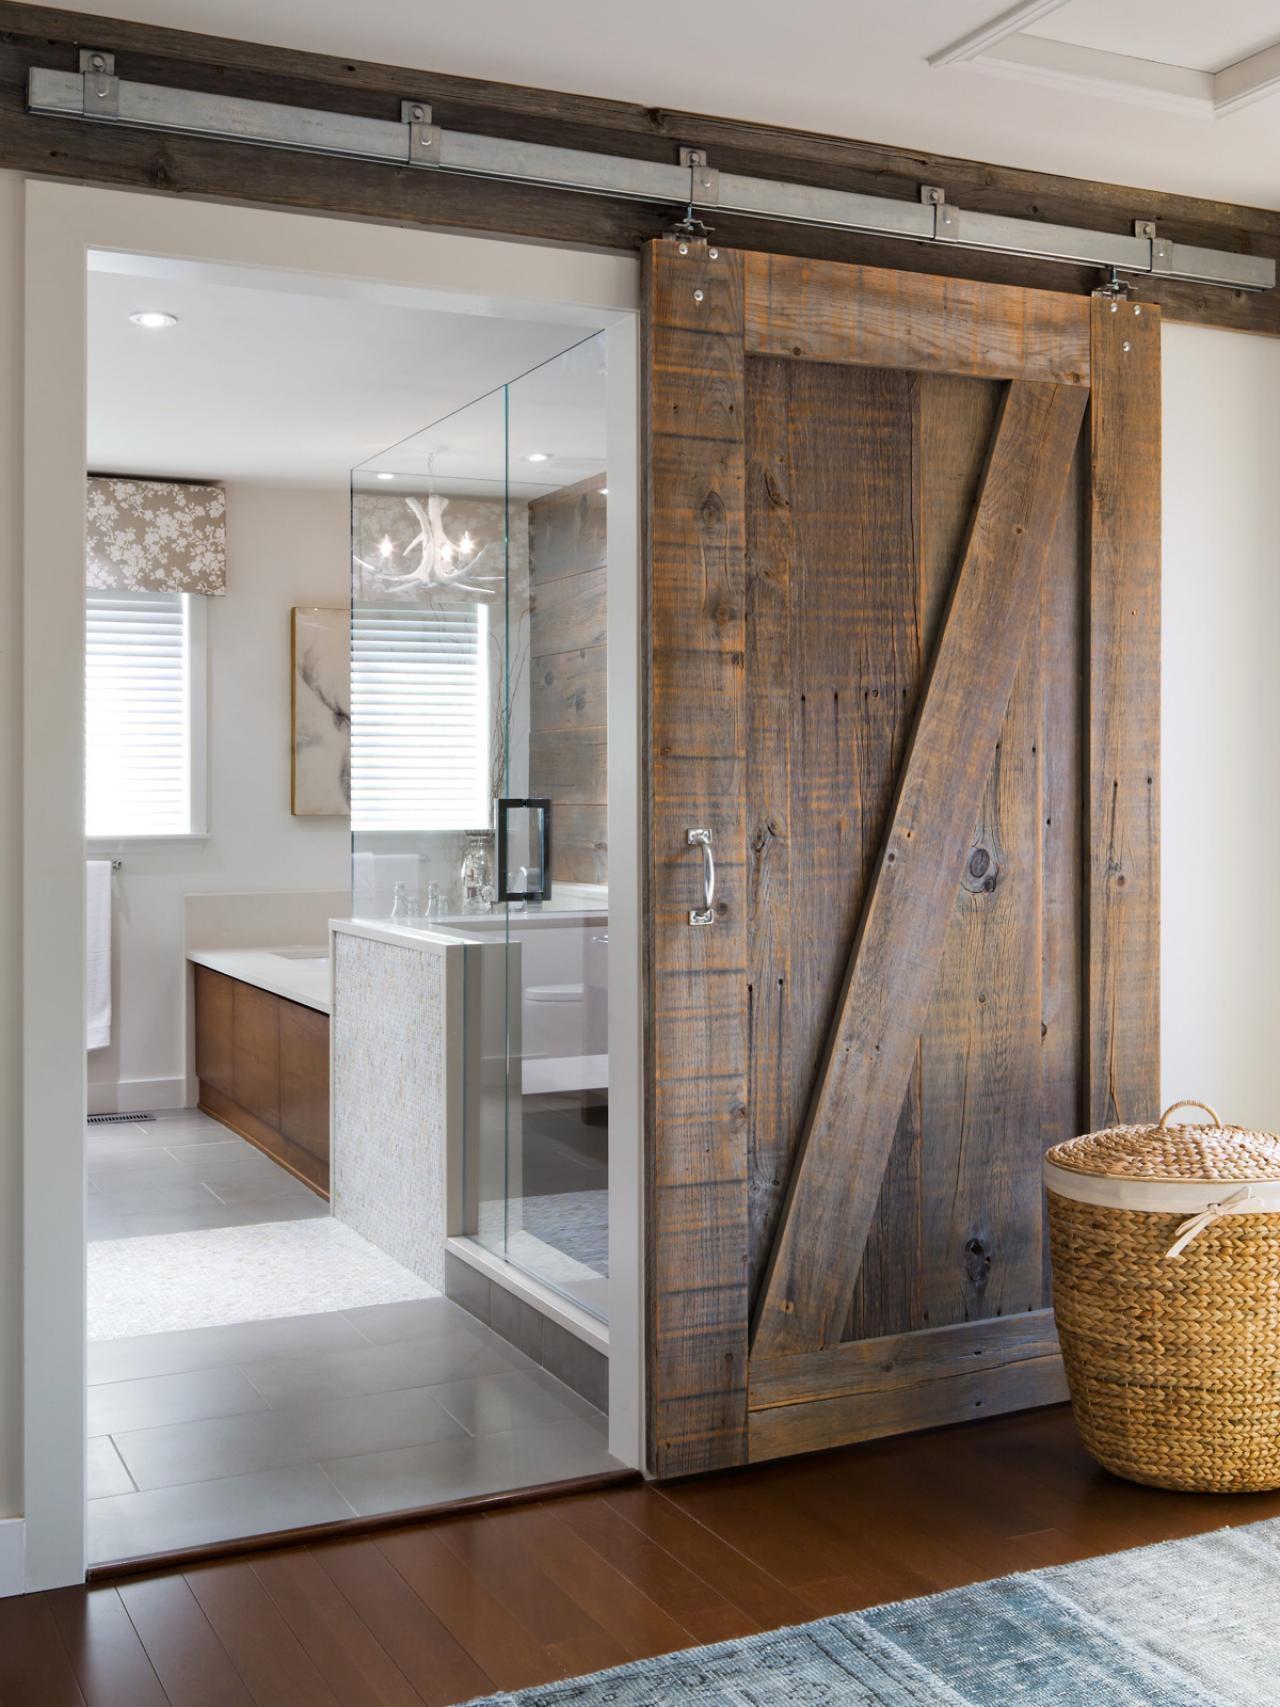 Sliding Barn Doors For Homesravishing sliding bathroom barn doors for homes for modern